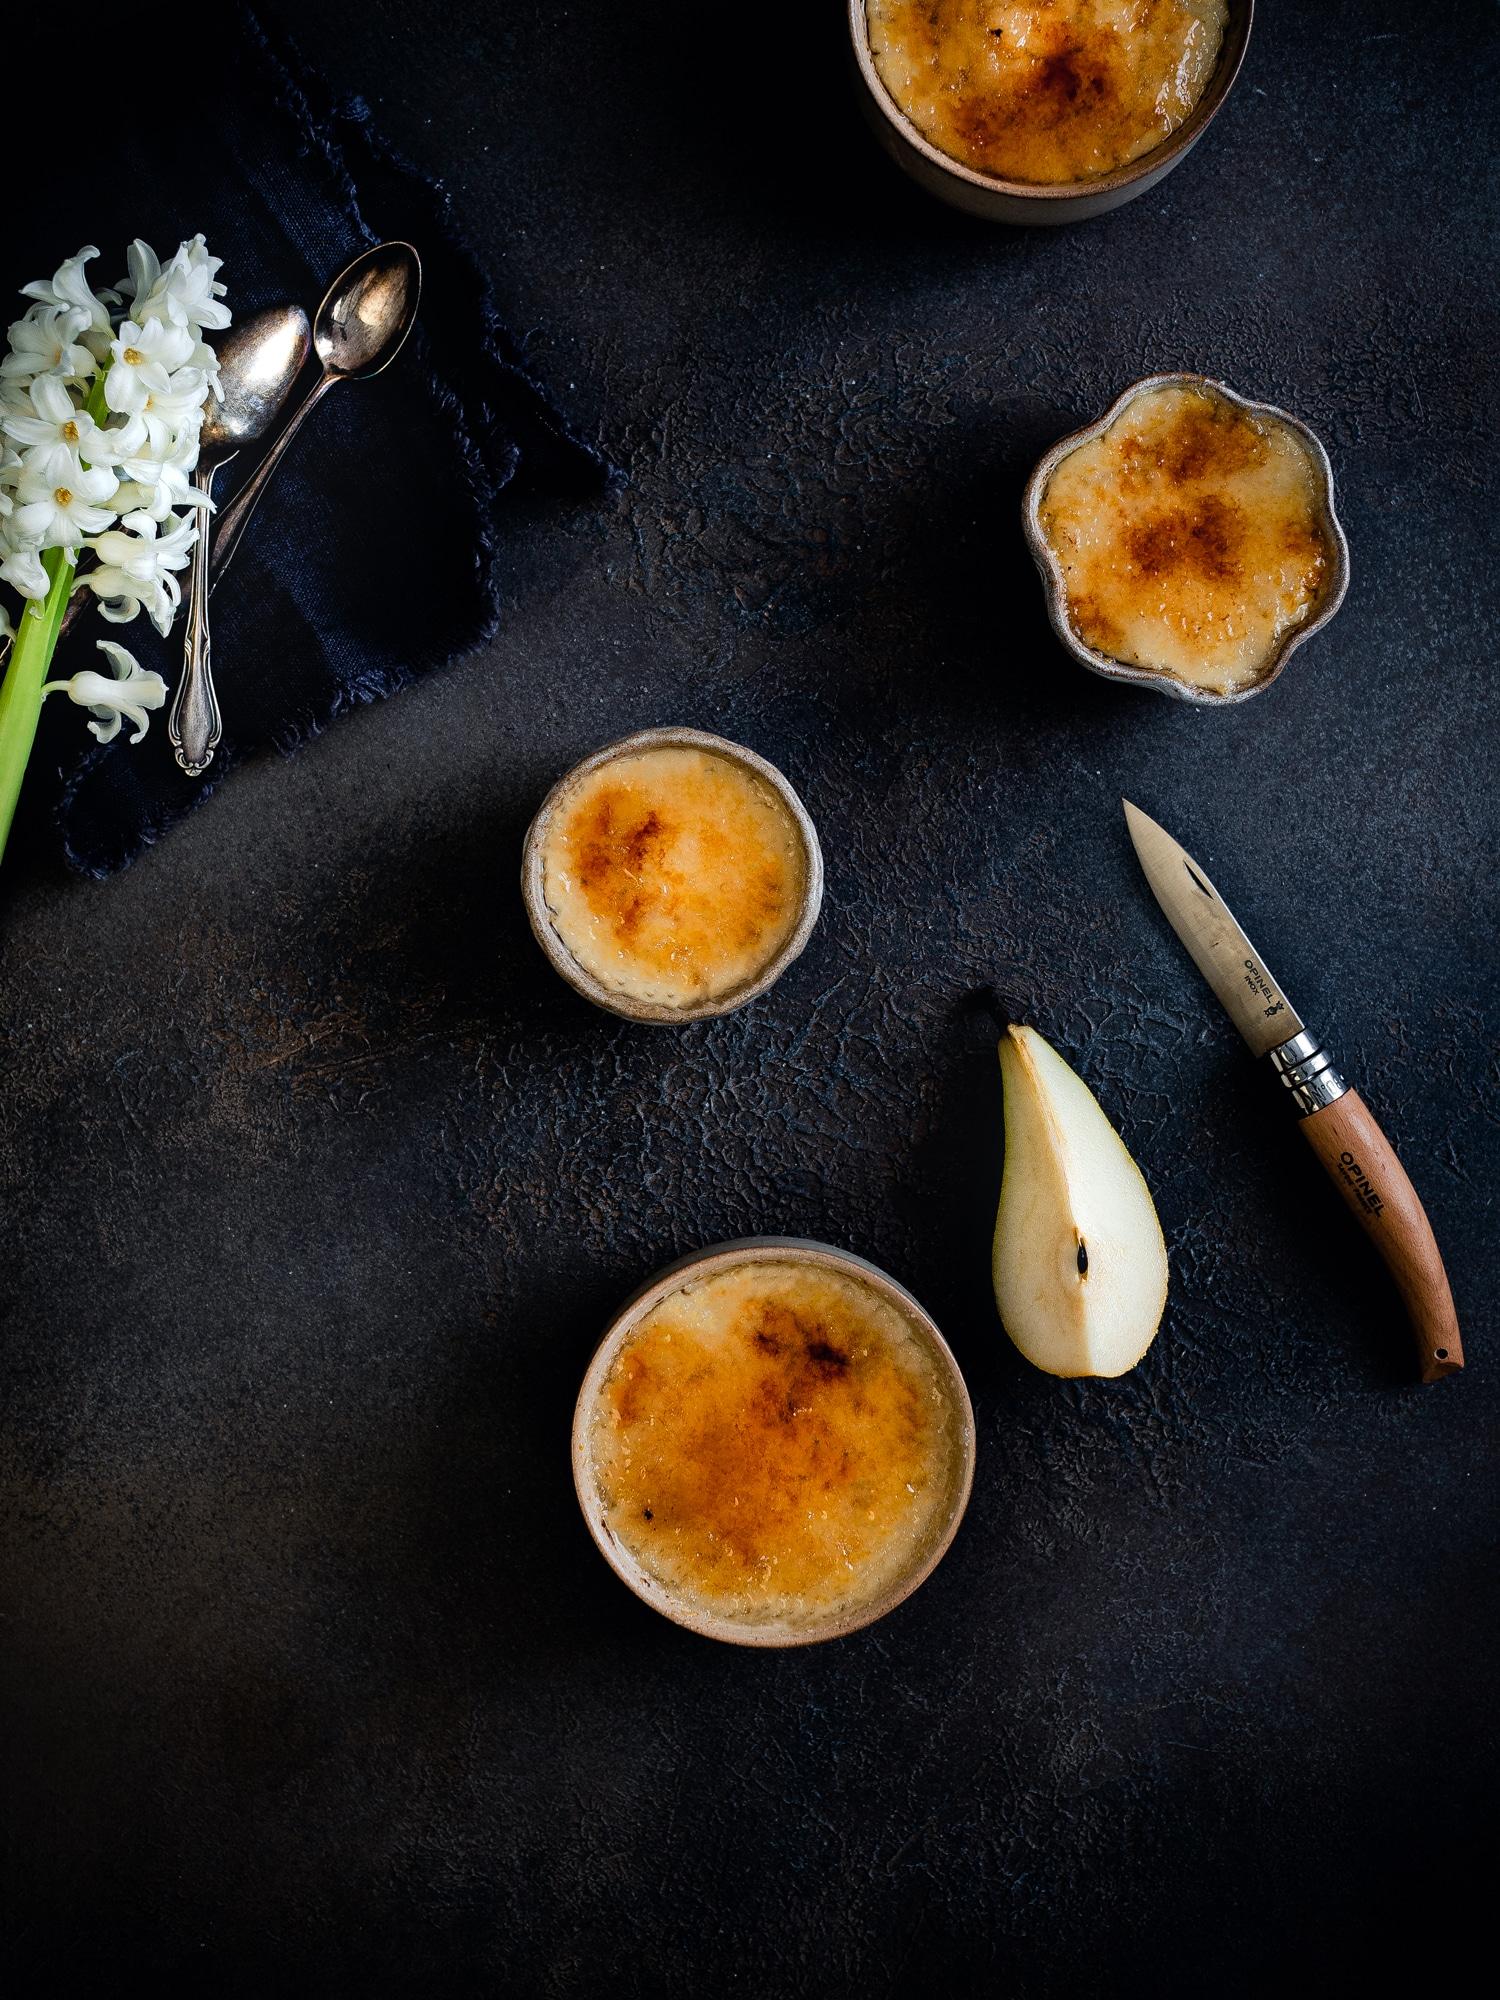 Vegane Crème brûlée / Crema Catalana mit Birne, Vanille und Kardamom